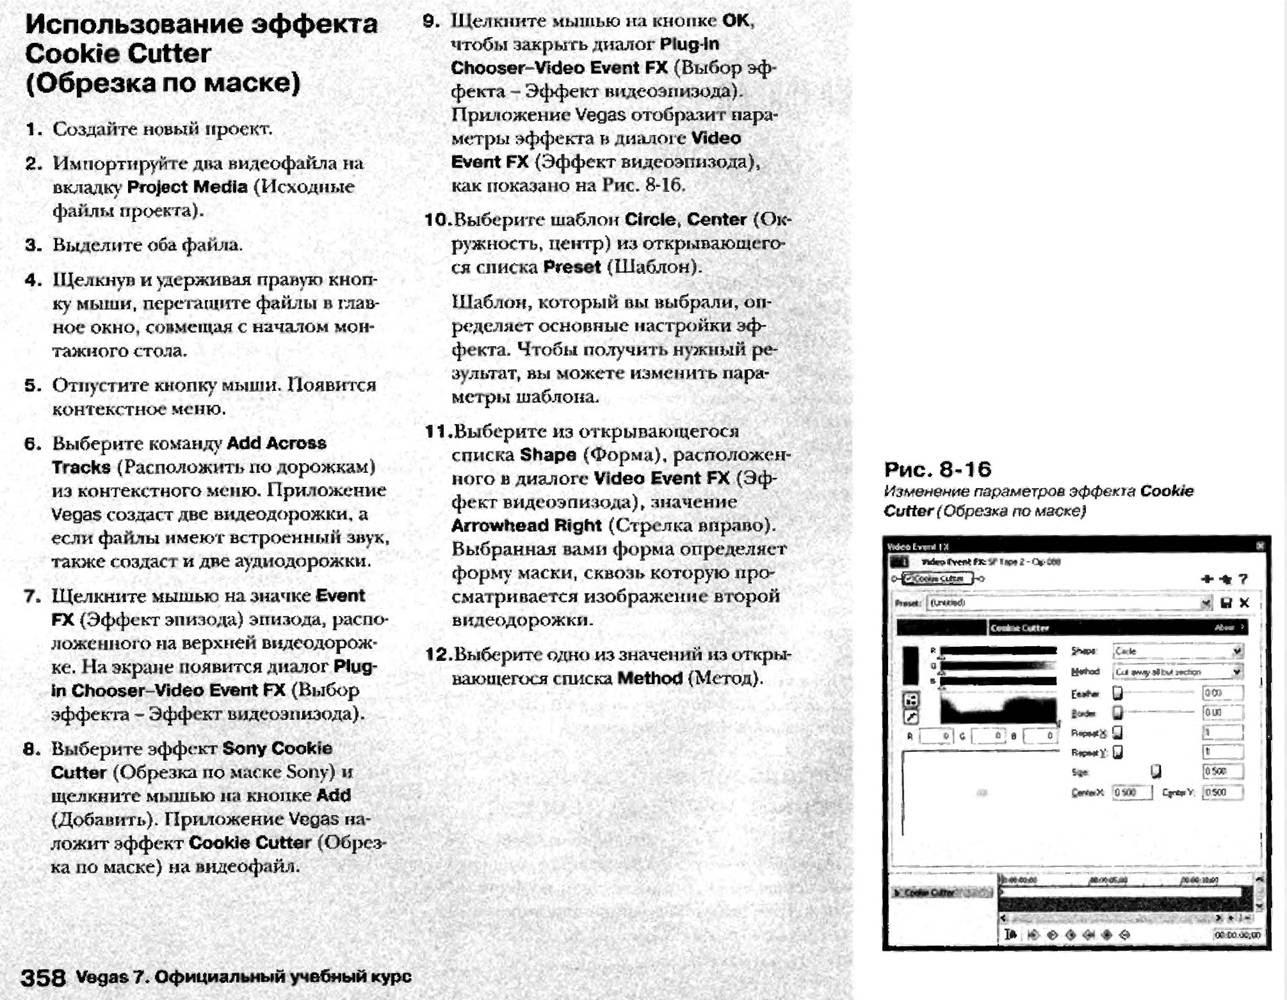 http://redaktori-uroki.3dn.ru/_ph/12/506570122.jpg